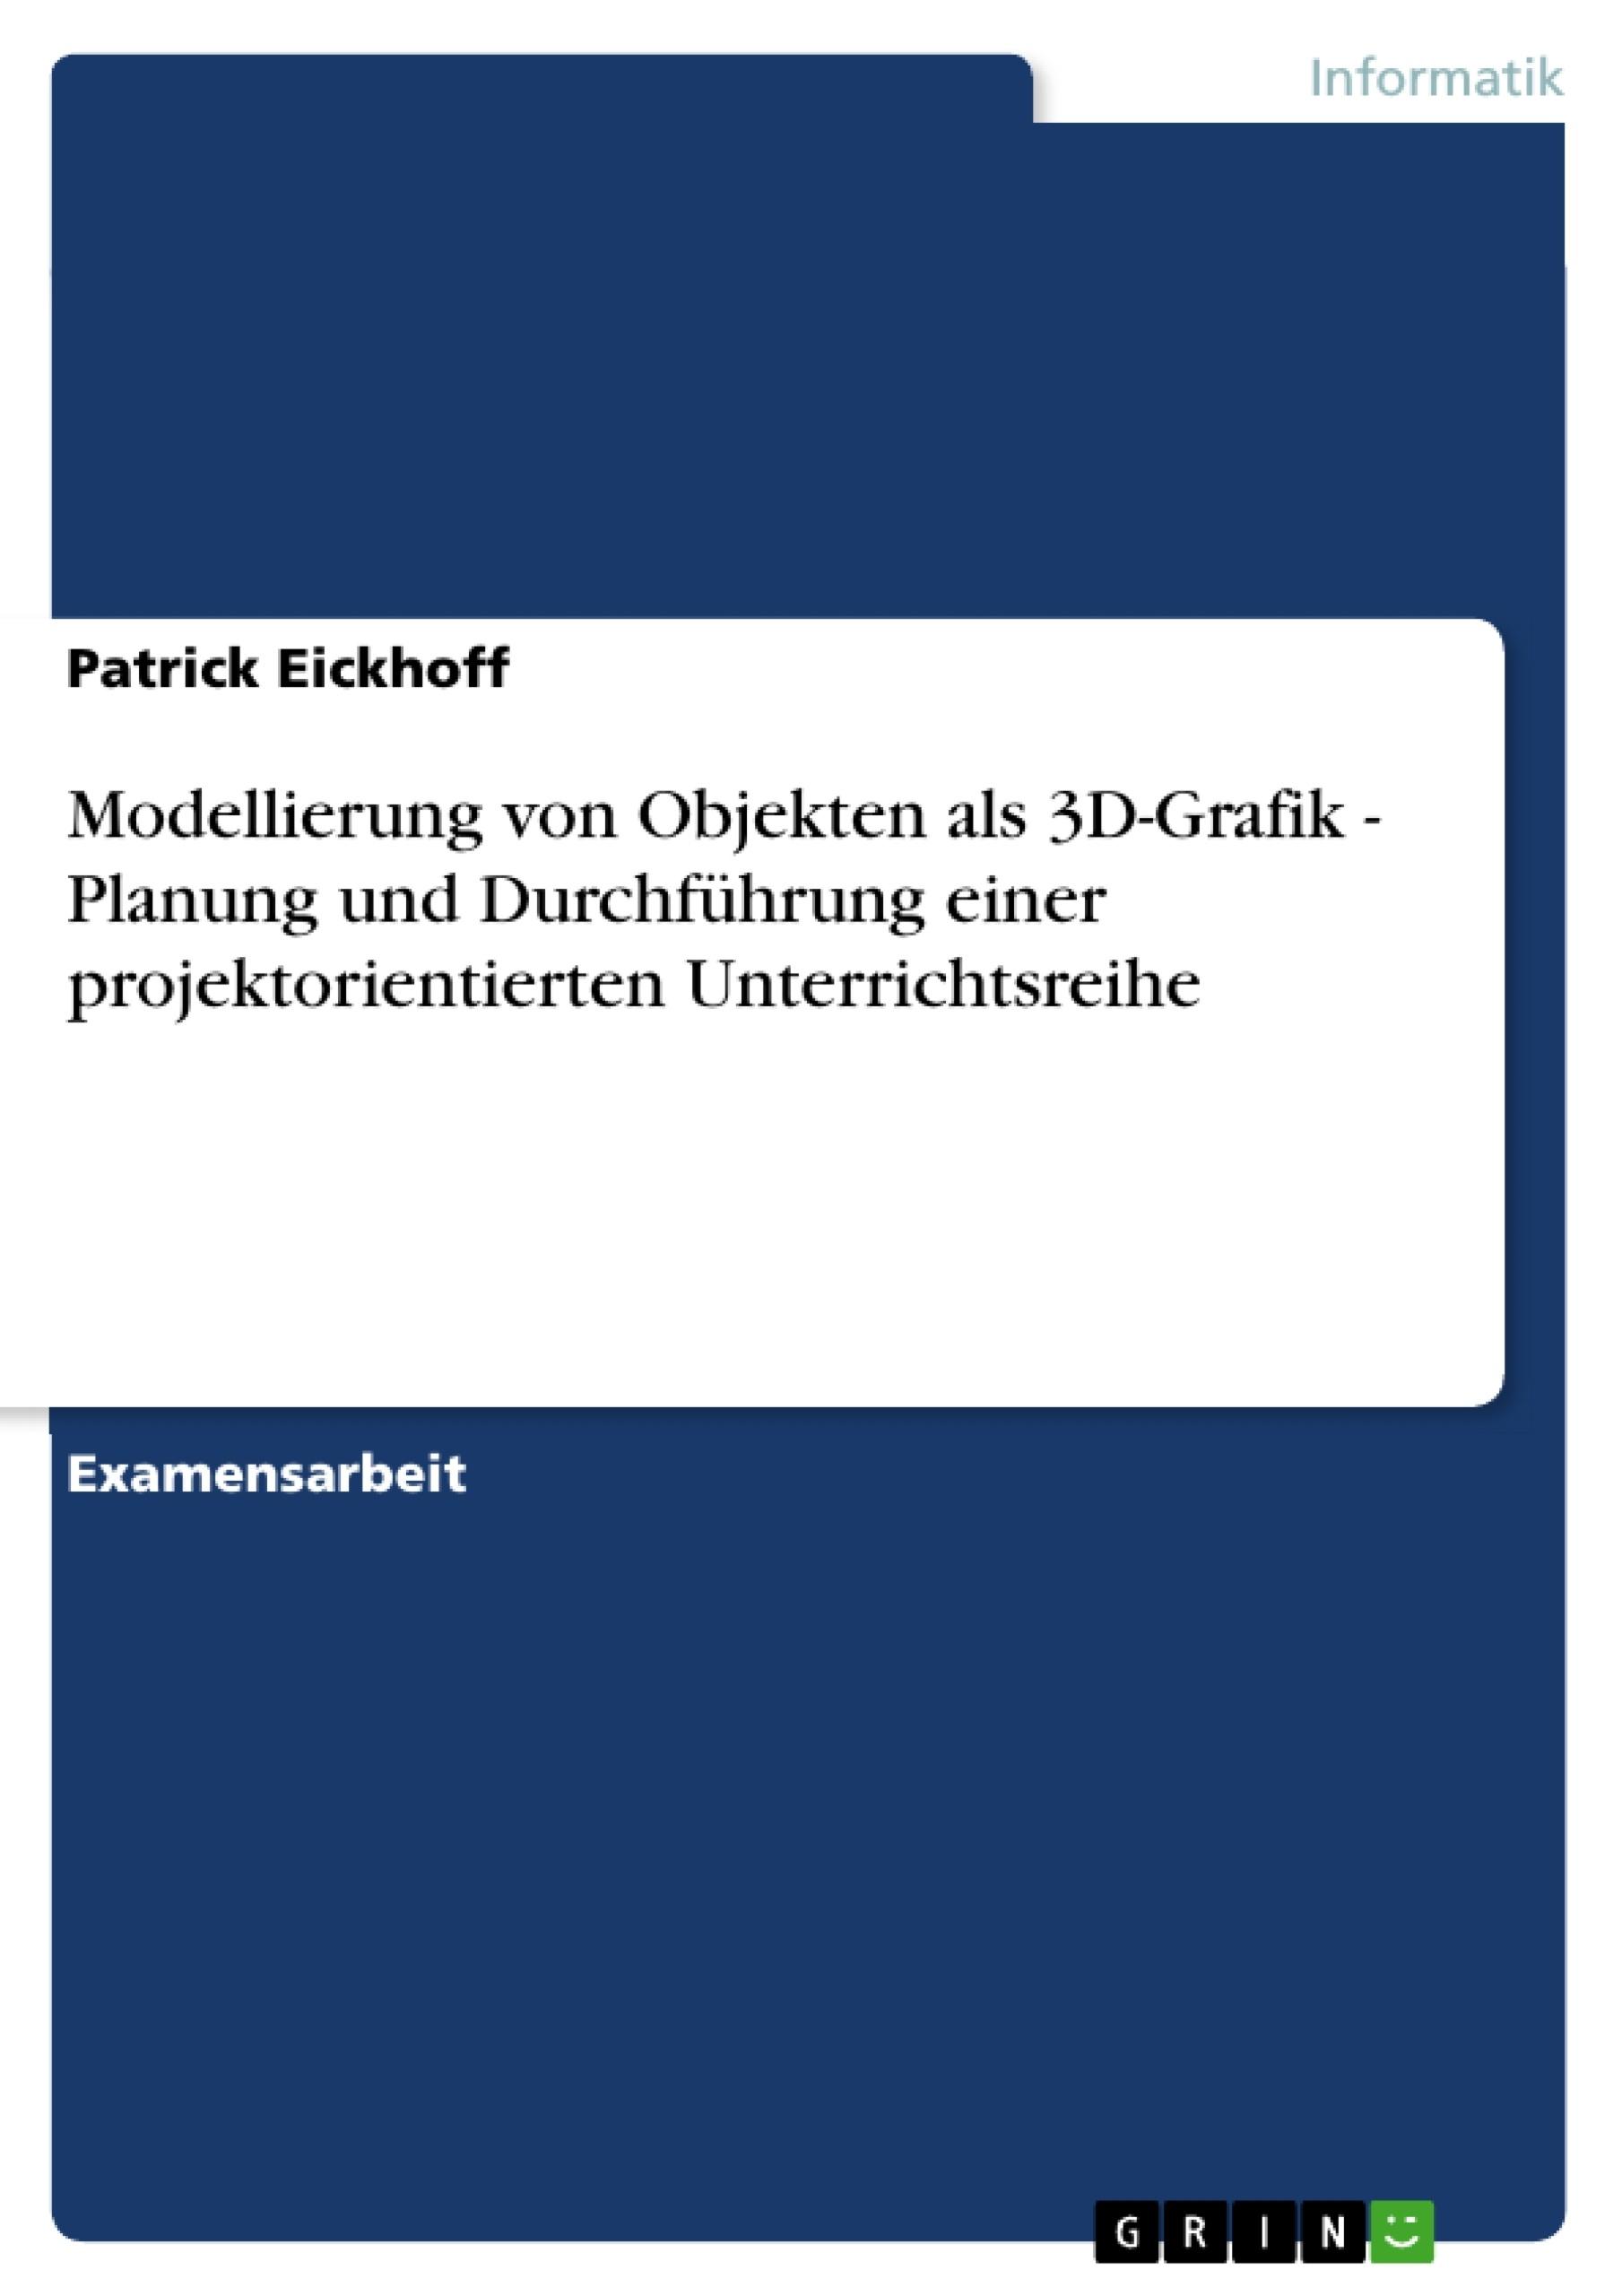 Titel: Modellierung von Objekten als 3D-Grafik - Planung und Durchführung einer projektorientierten Unterrichtsreihe